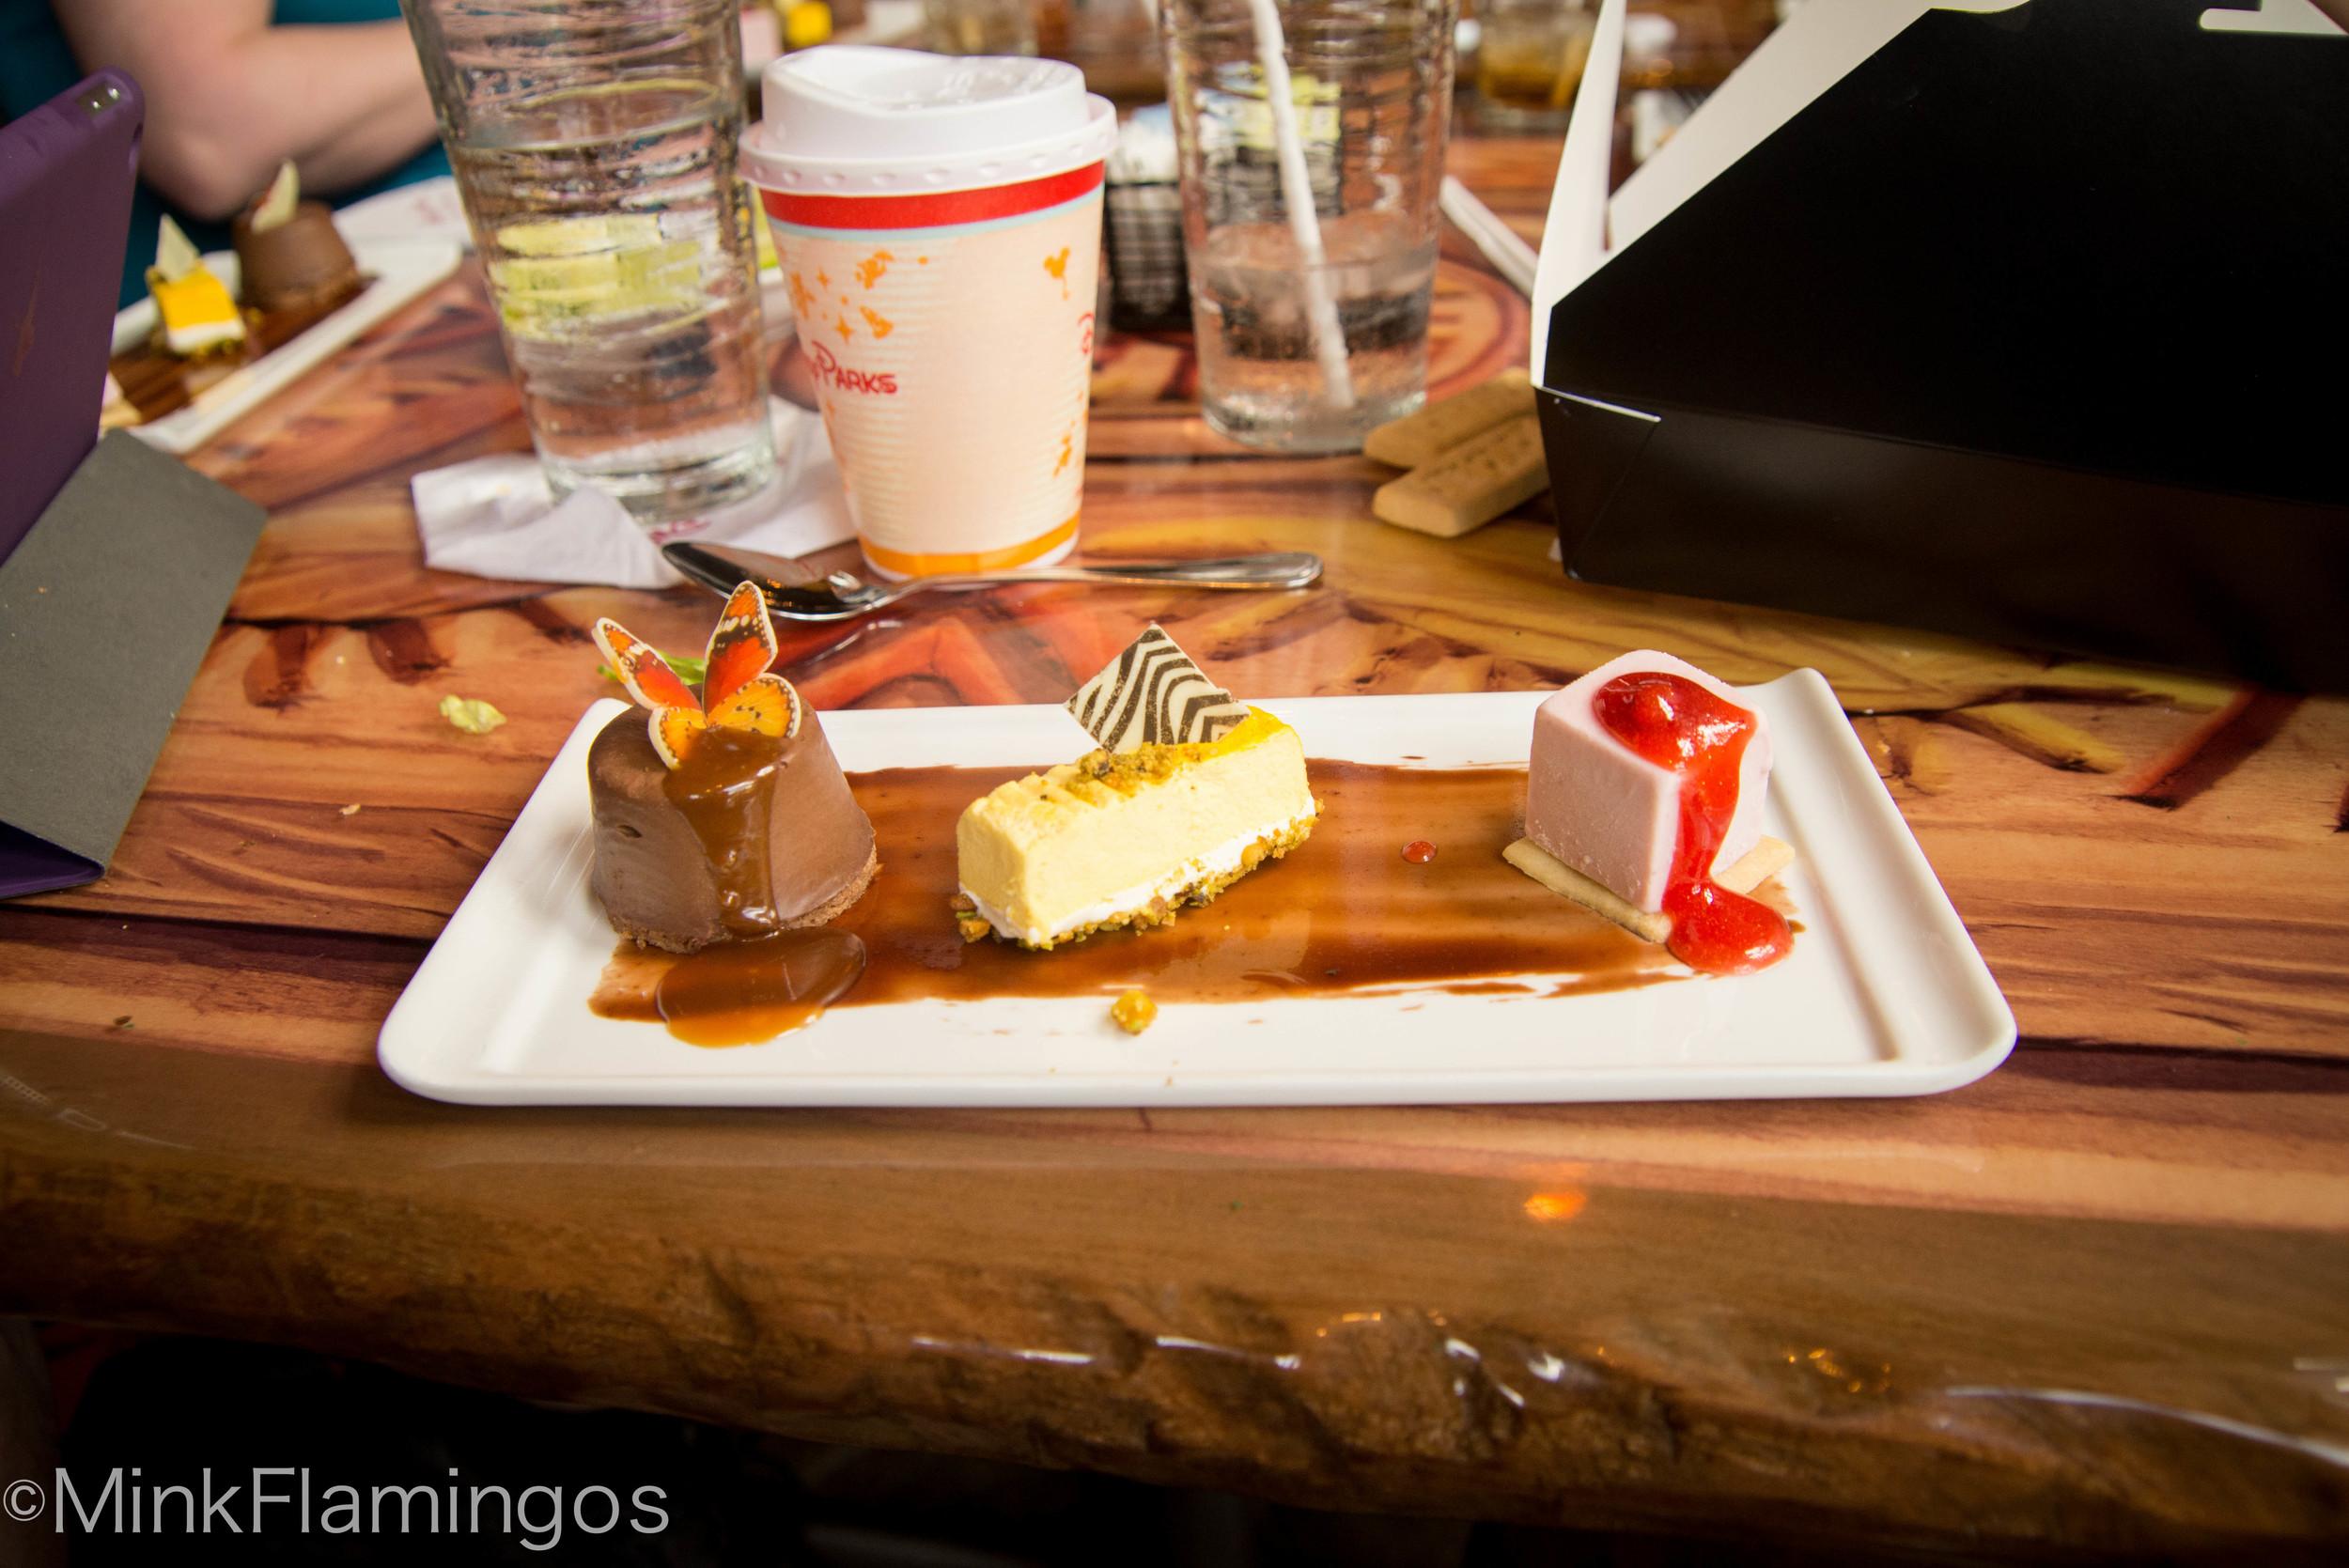 Sanaa's dessert plate